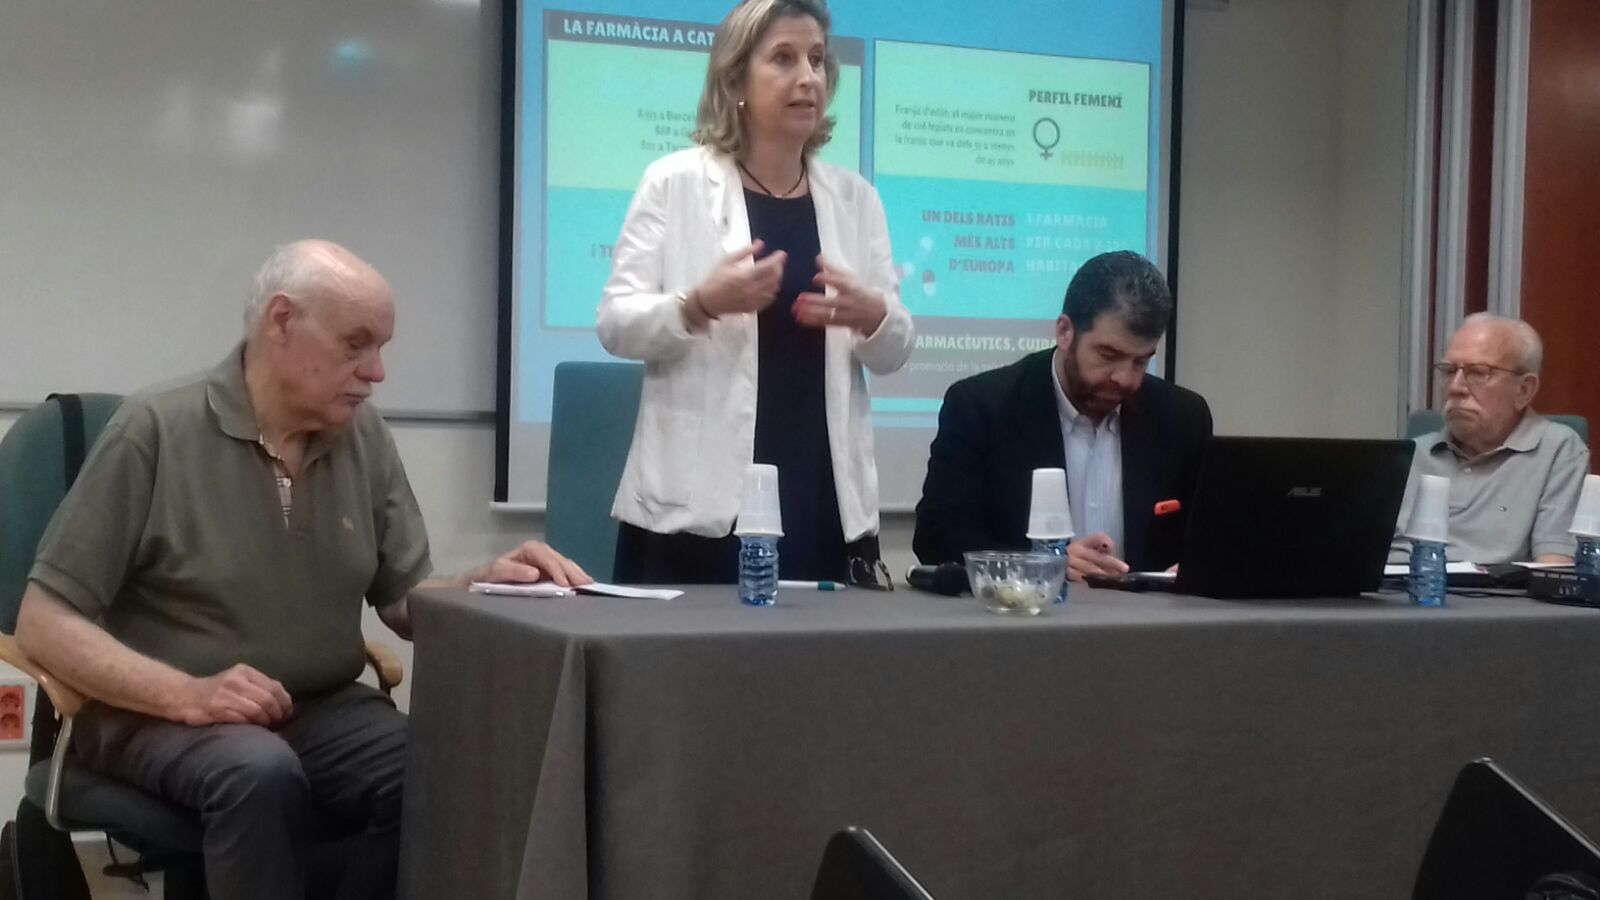 Stop FMF en el encuentro de Asociaciones en Cataluña